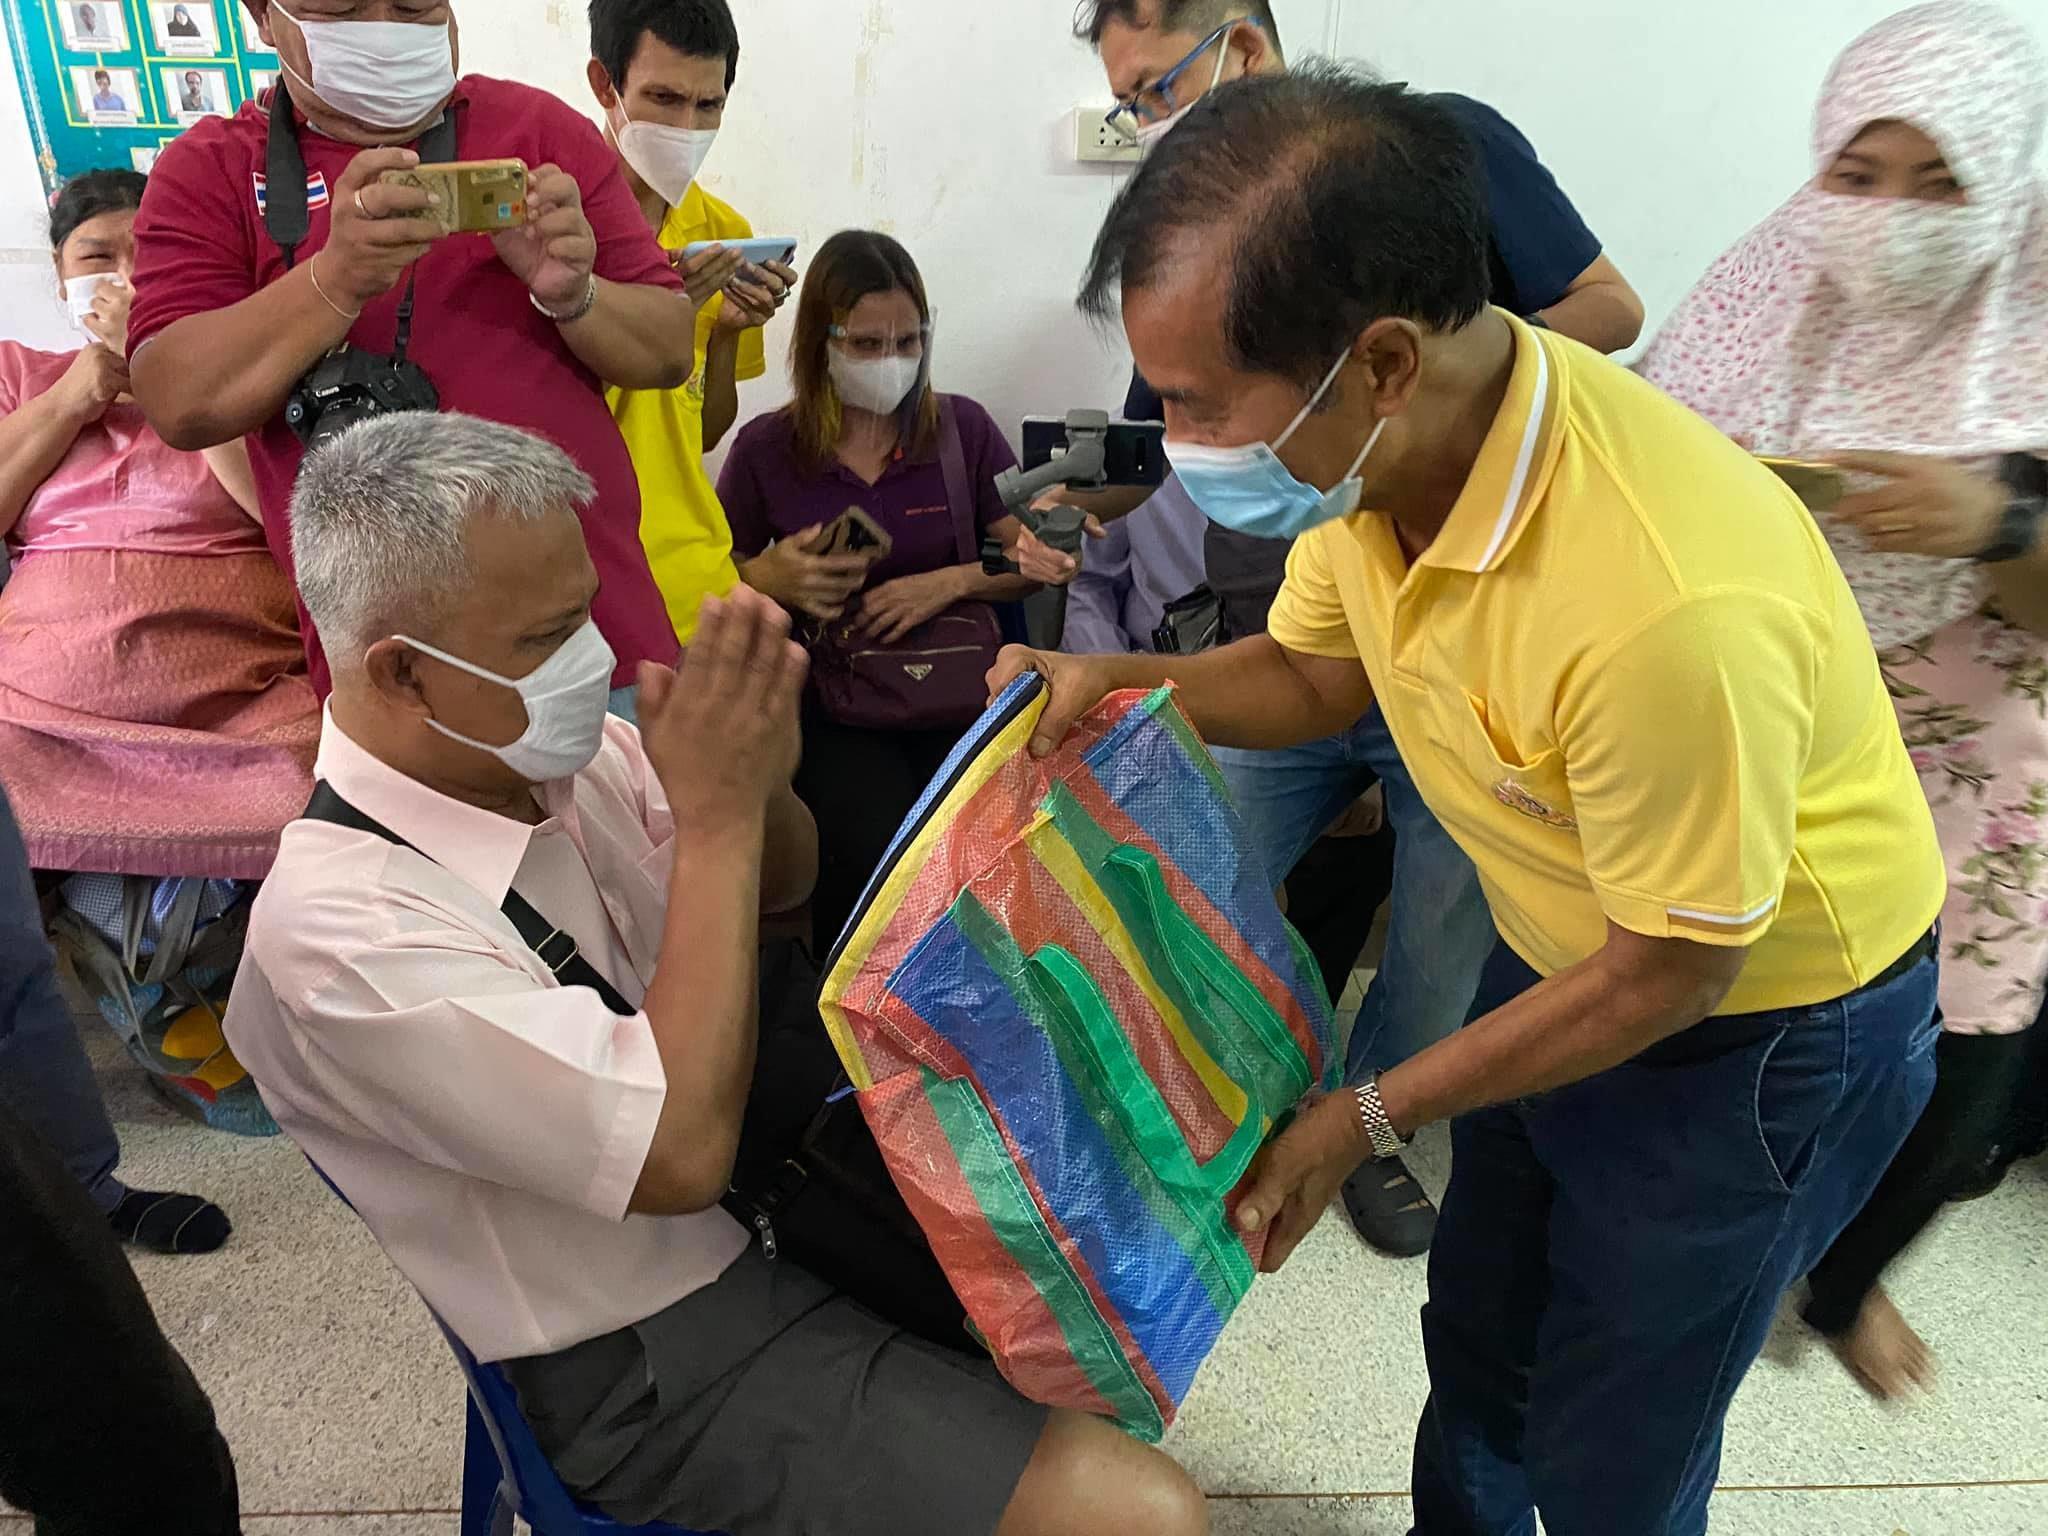 'ถาวร เสนเนียม'มอบถุงยังชีพให้ผู้พิการสายตา ที่สมาคมคนตาบอดมุสลิม